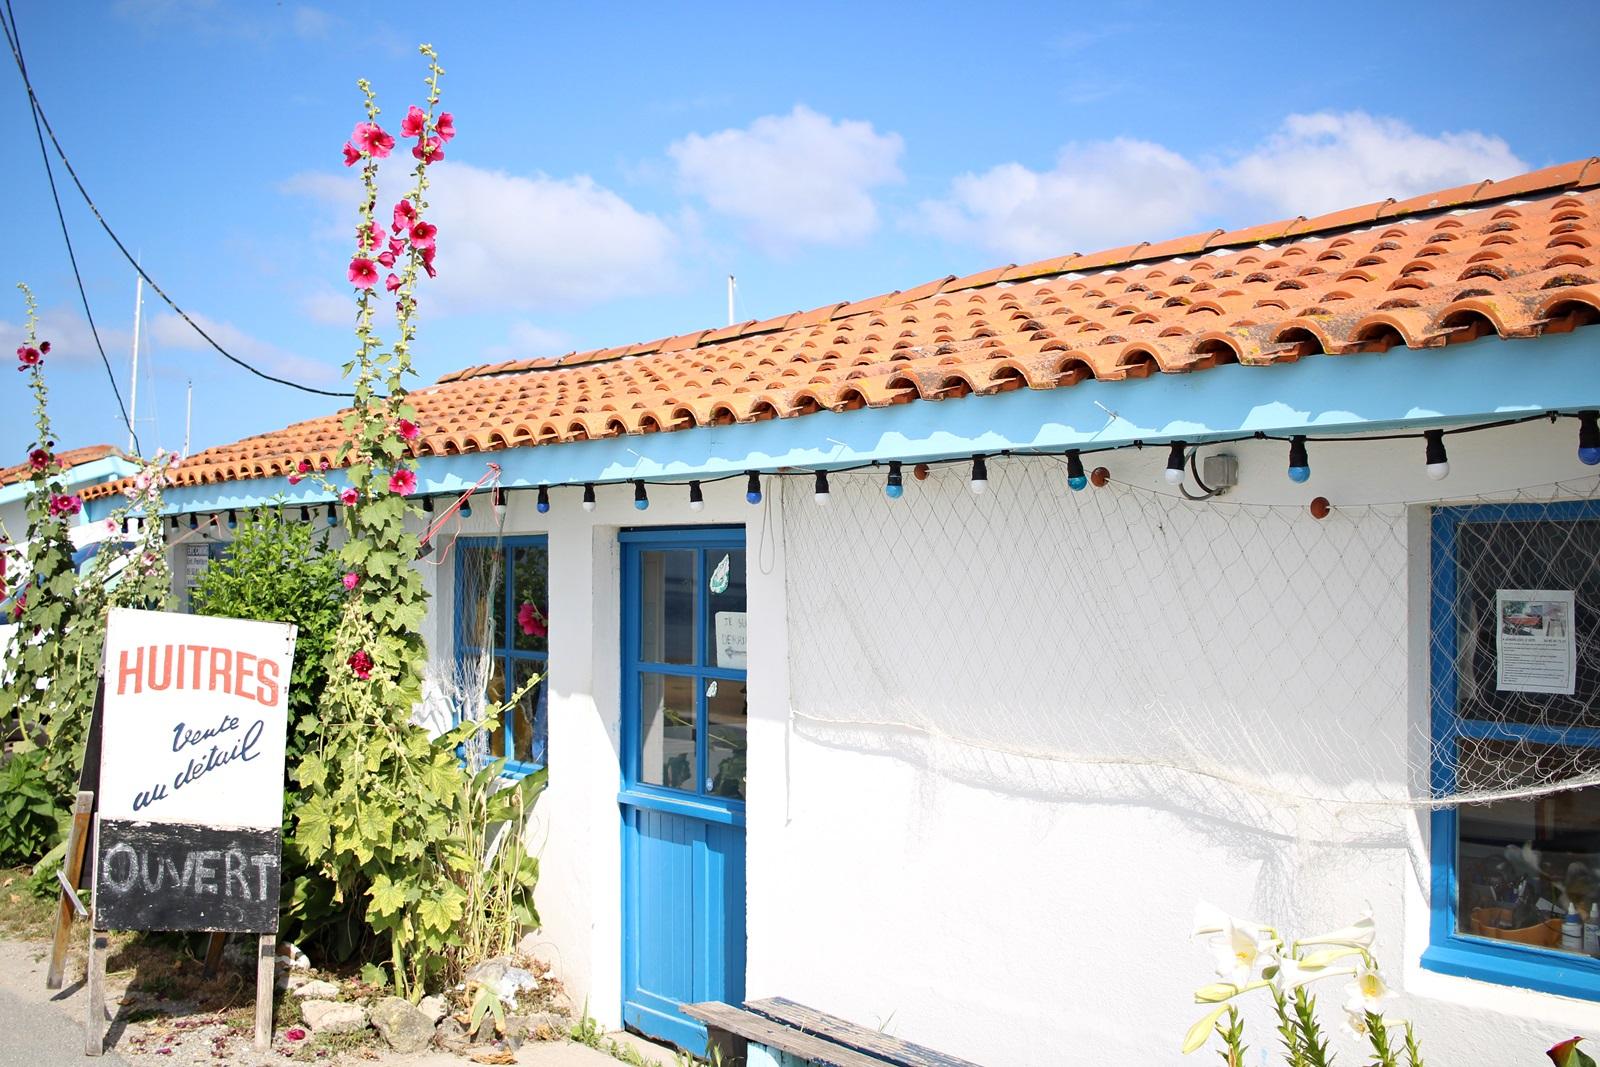 Cabane ostréicole colorée et fleurie